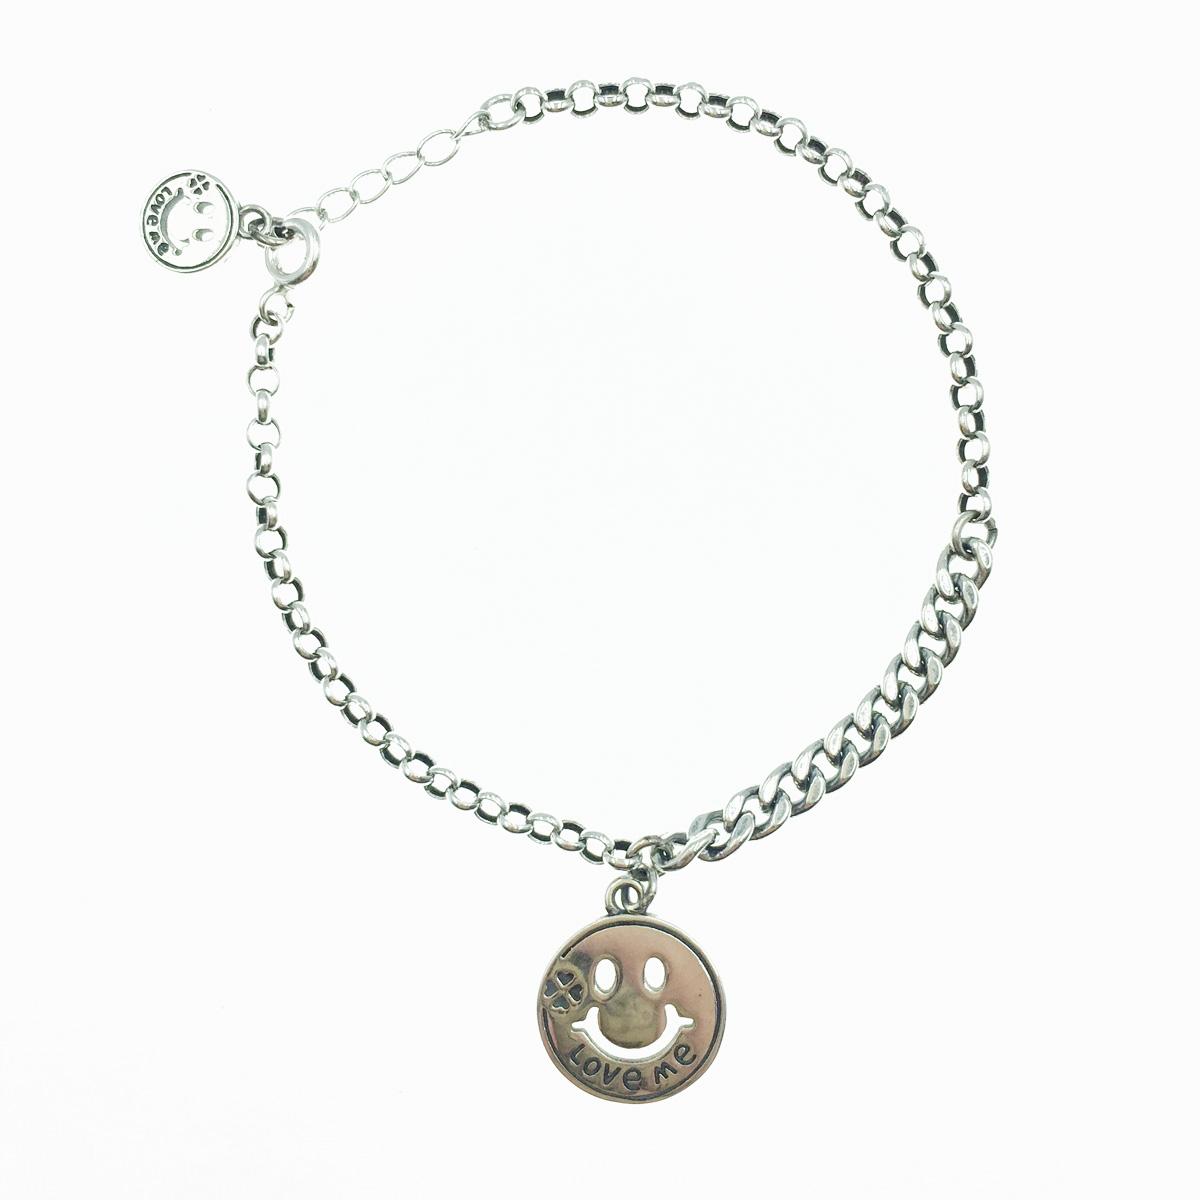 韓國 925純銀 笑臉 歐美金屬風 手飾 手鍊